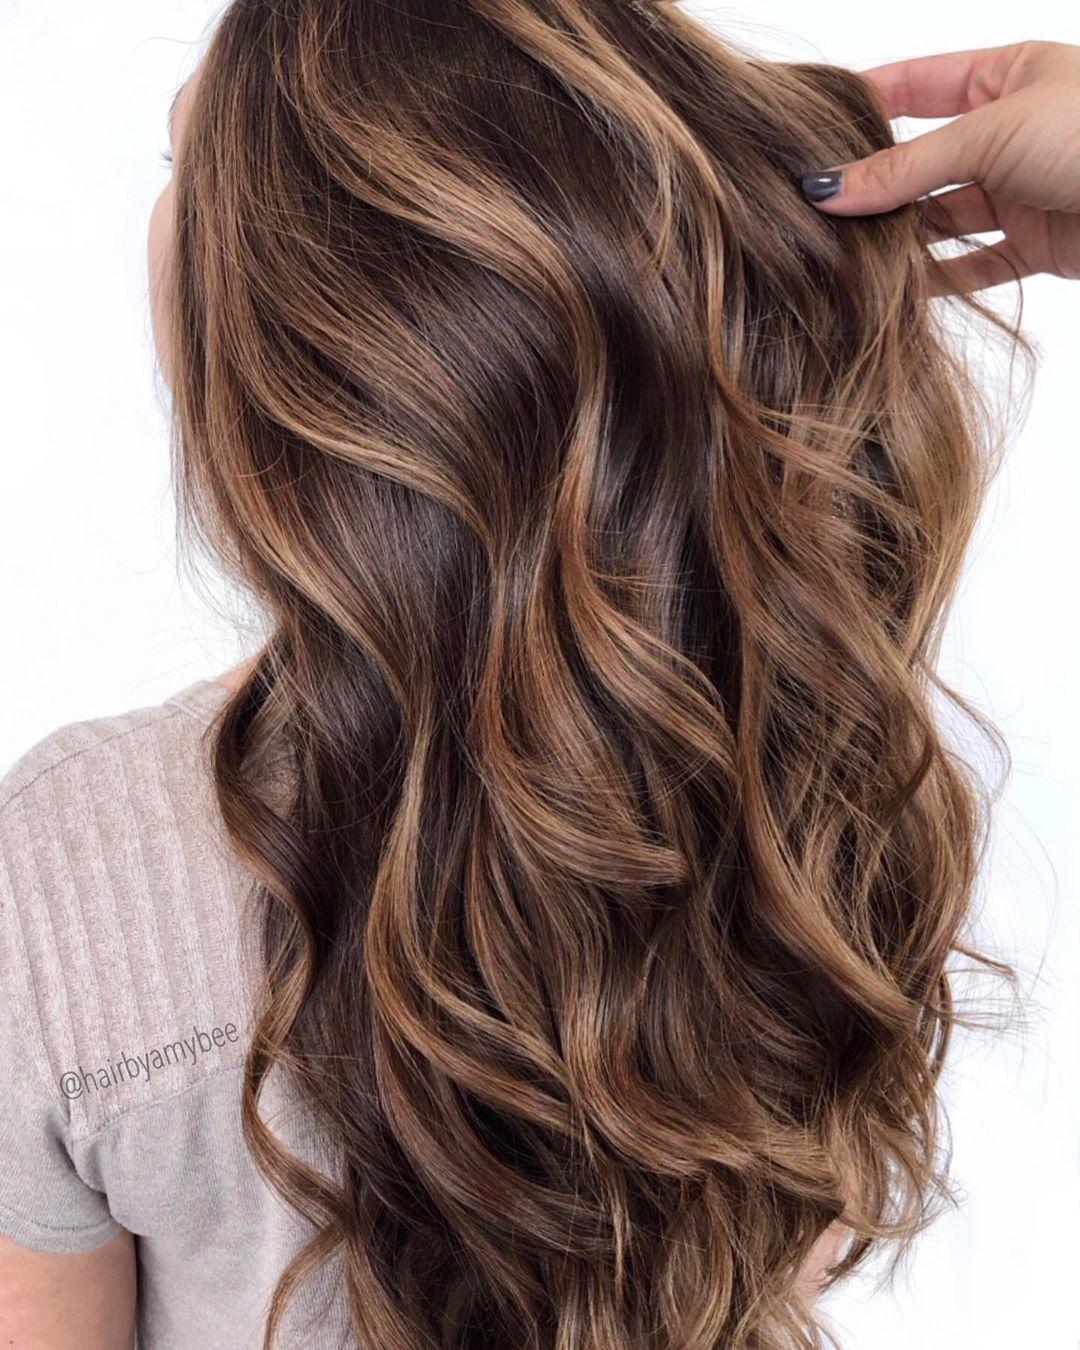 Femme aux longs cheveux bruns foncés bouclés avec des reflets miel.